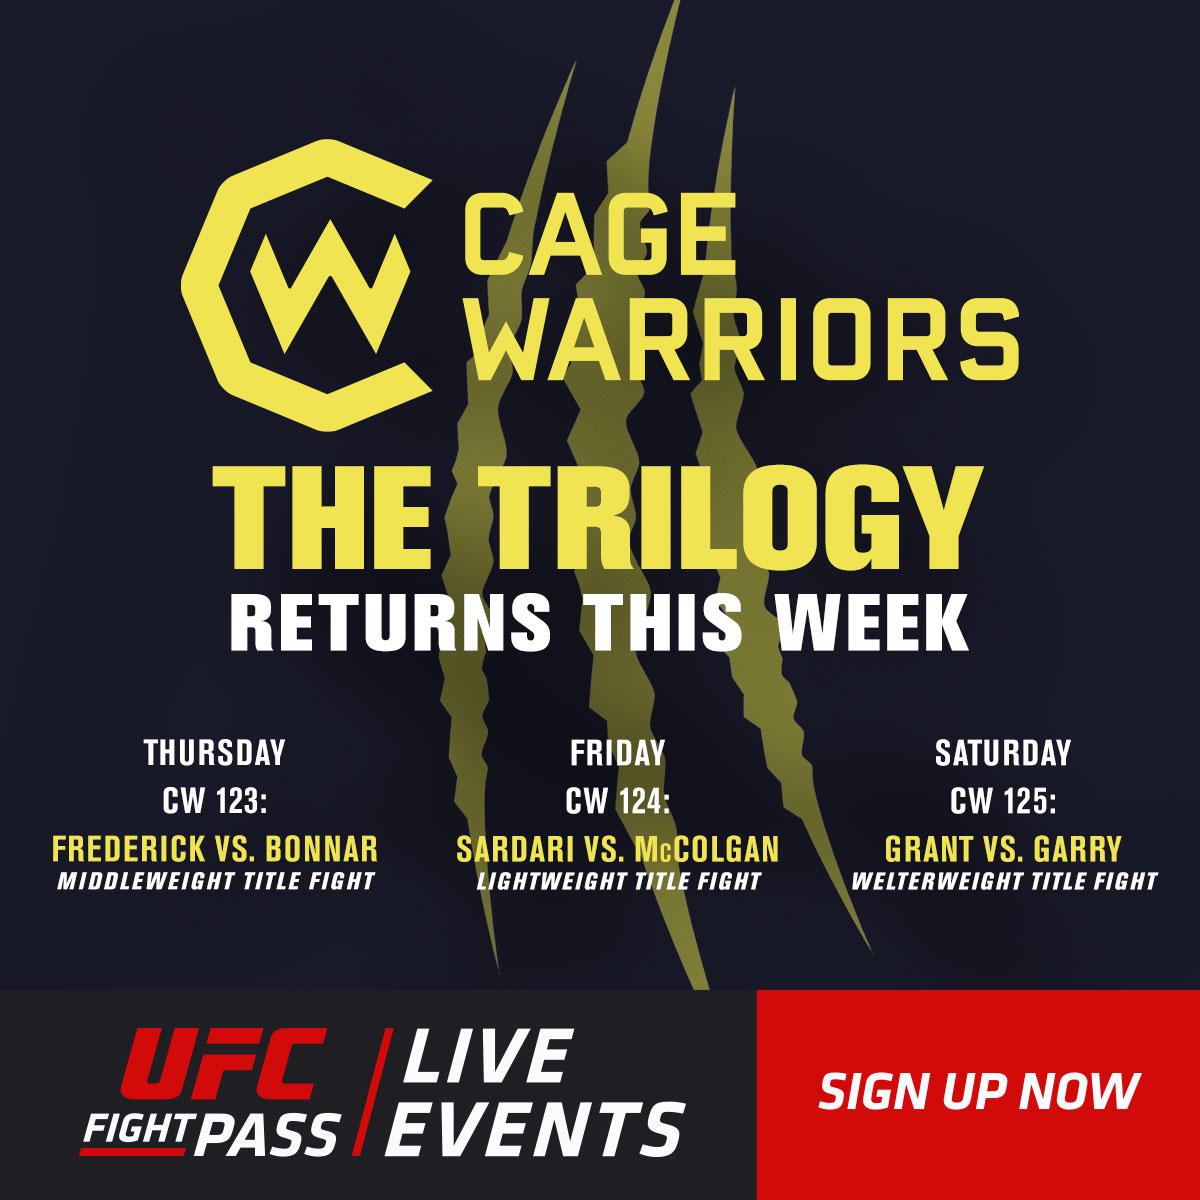 Your week is sorted on @UFCFightPass!  We've got 3️⃣ events in 3️⃣ nights at @CageWarriors!  📺 https://t.co/IxHXj2Qhjk https://t.co/ArfiKTrTCG